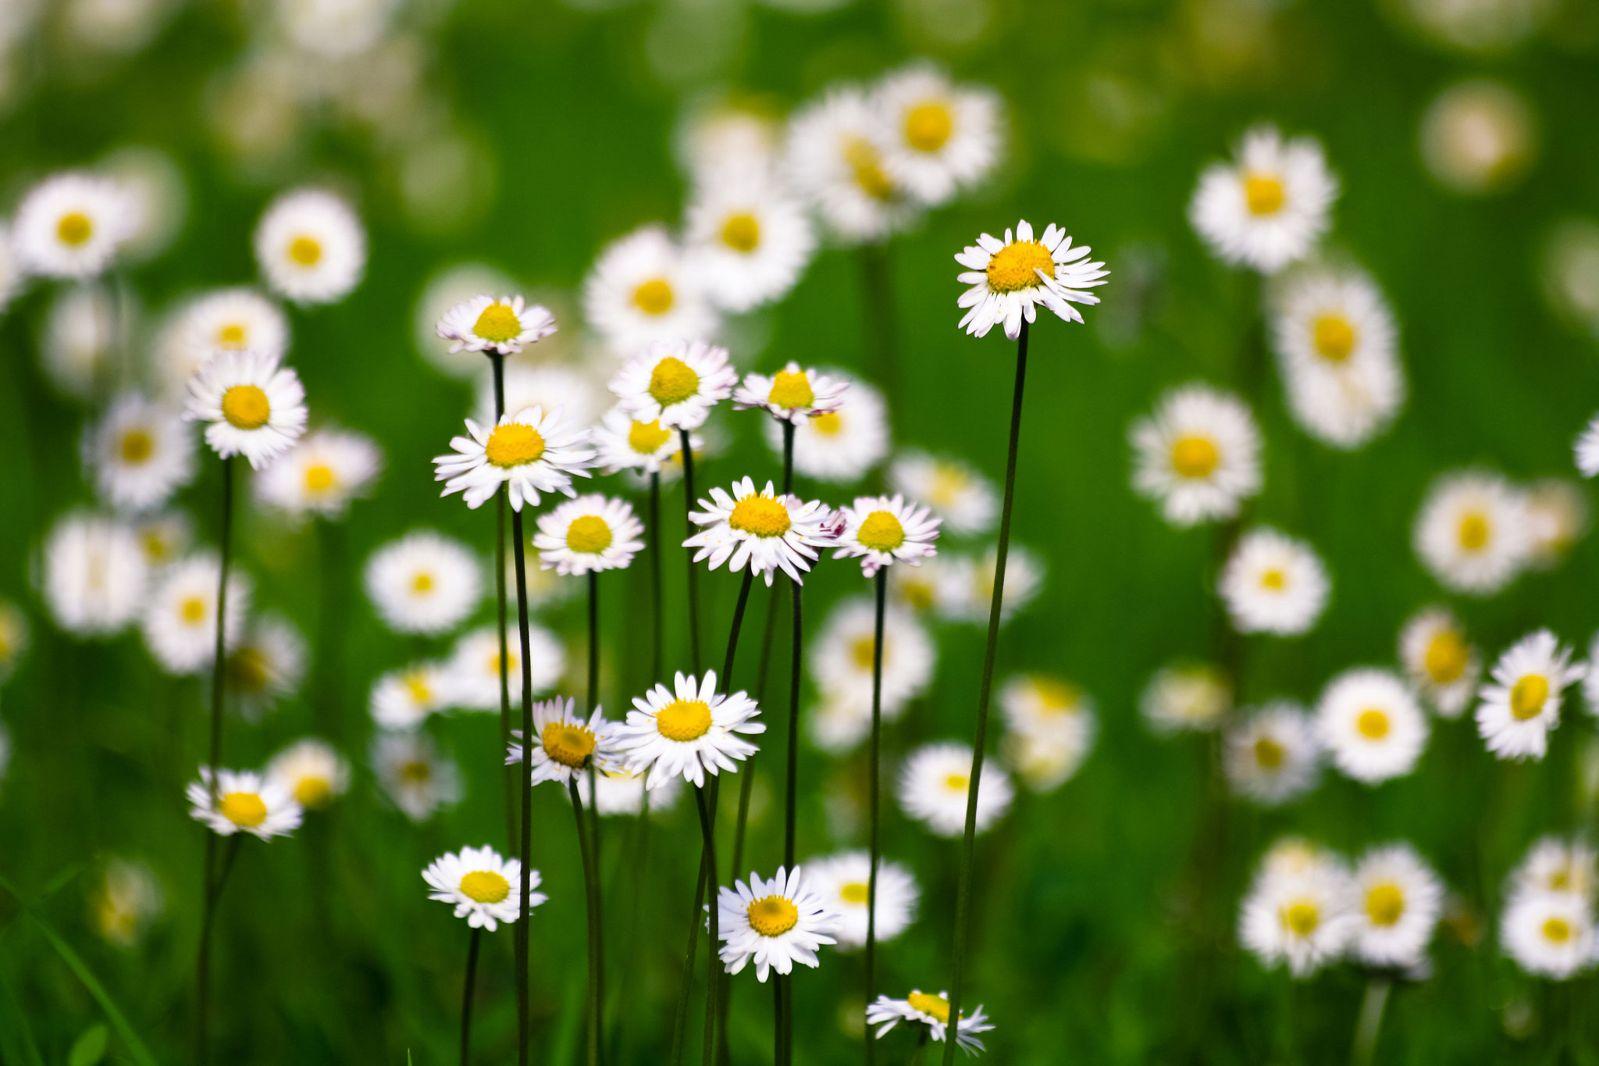 Hình ảnh hoa cỏ cúc